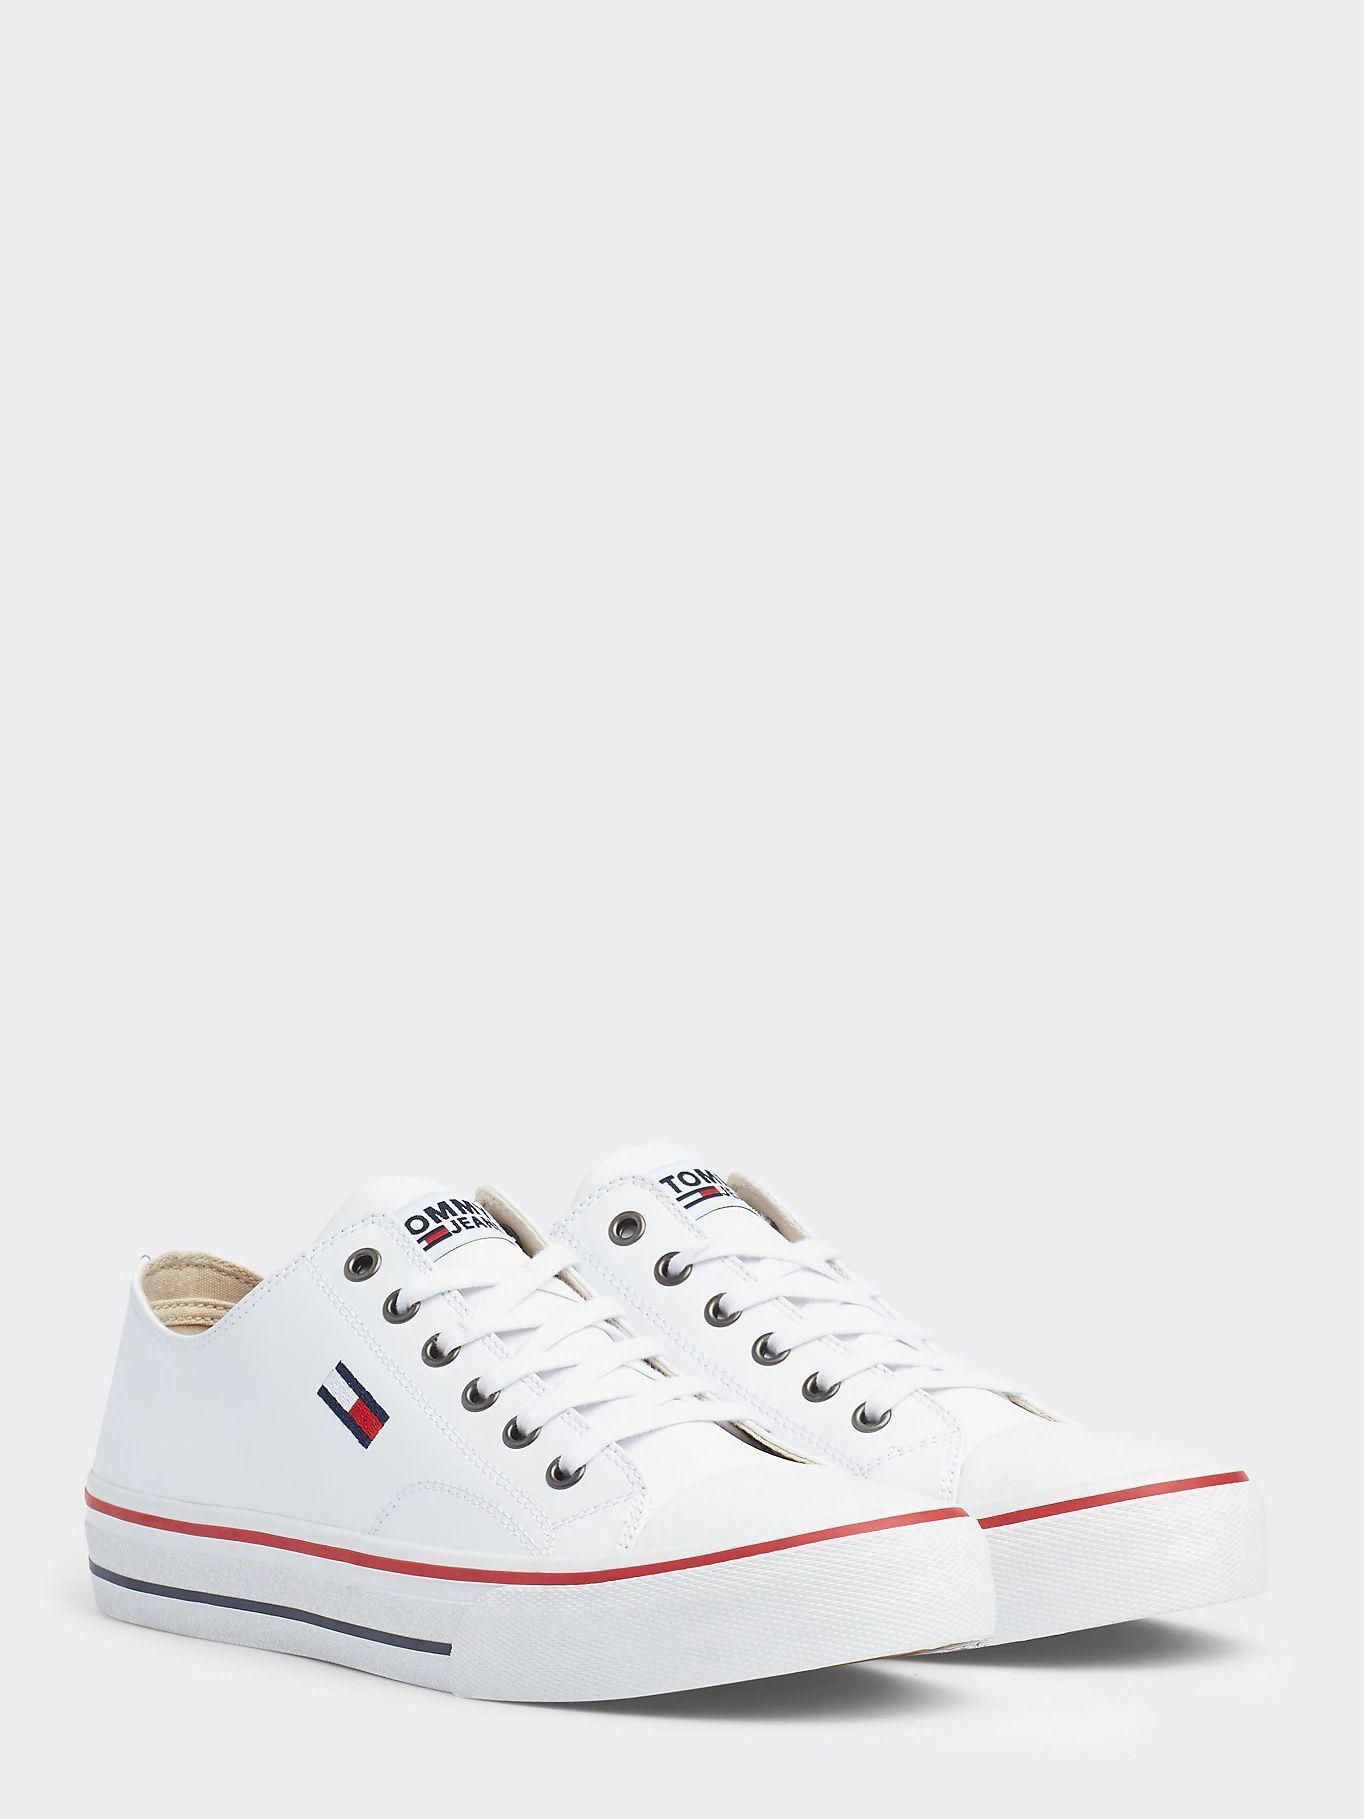 Кеды мужские Tommy Hilfiger EM0EM00394-YBS купить обувь, 2017